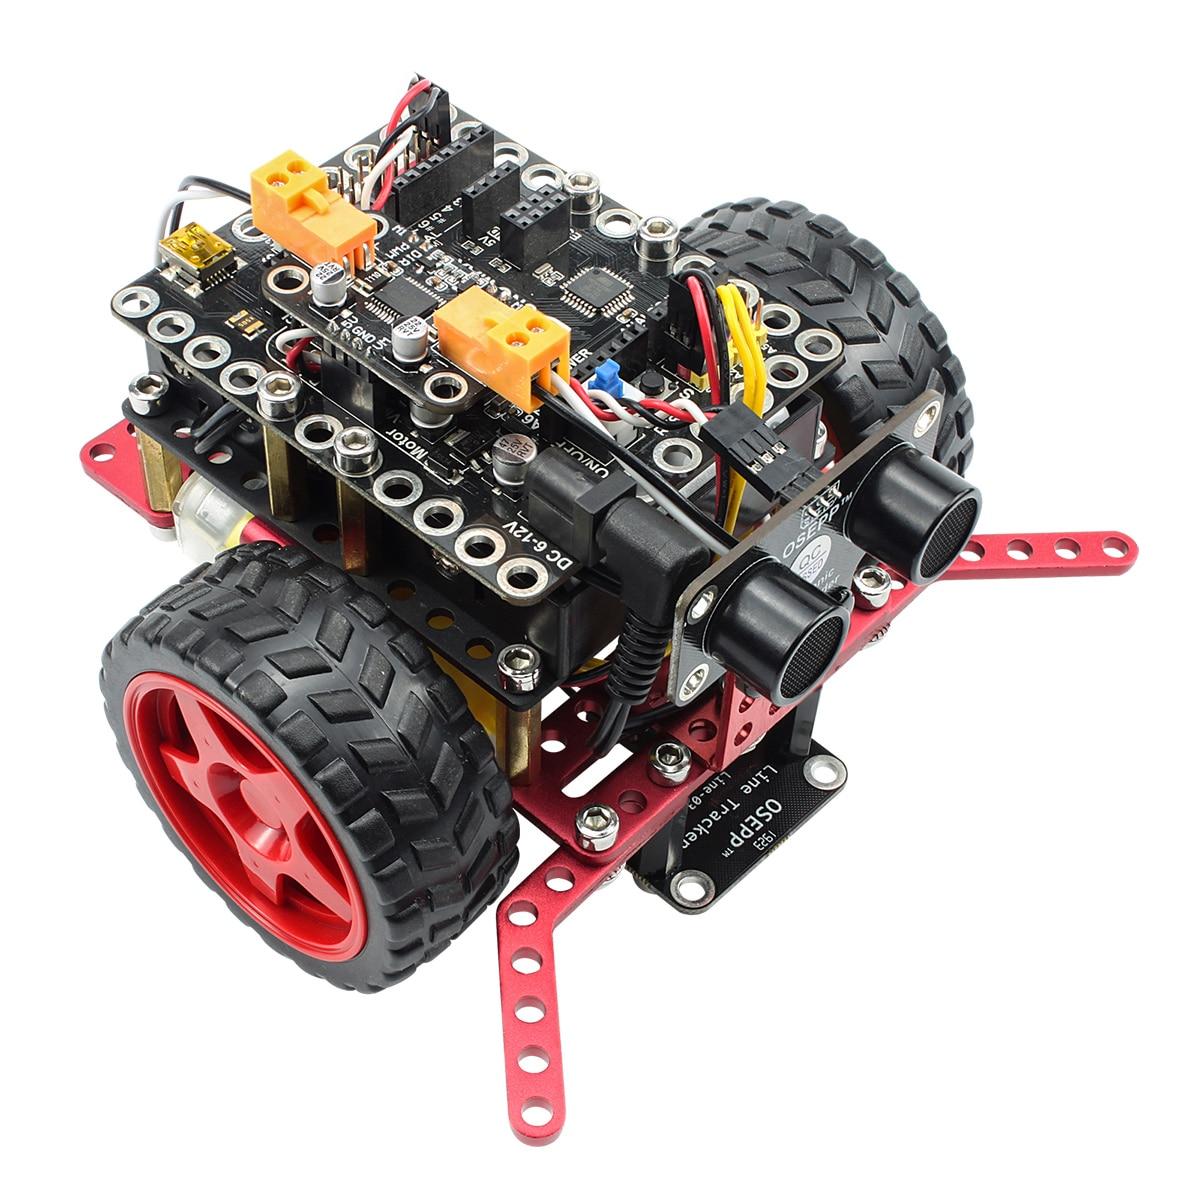 روبوبرو روبوتية أساسيات عدة لاردوينو خط تعقب تجنب عقبة السومو سحب قطرة البرمجة التعليمية الجذعية